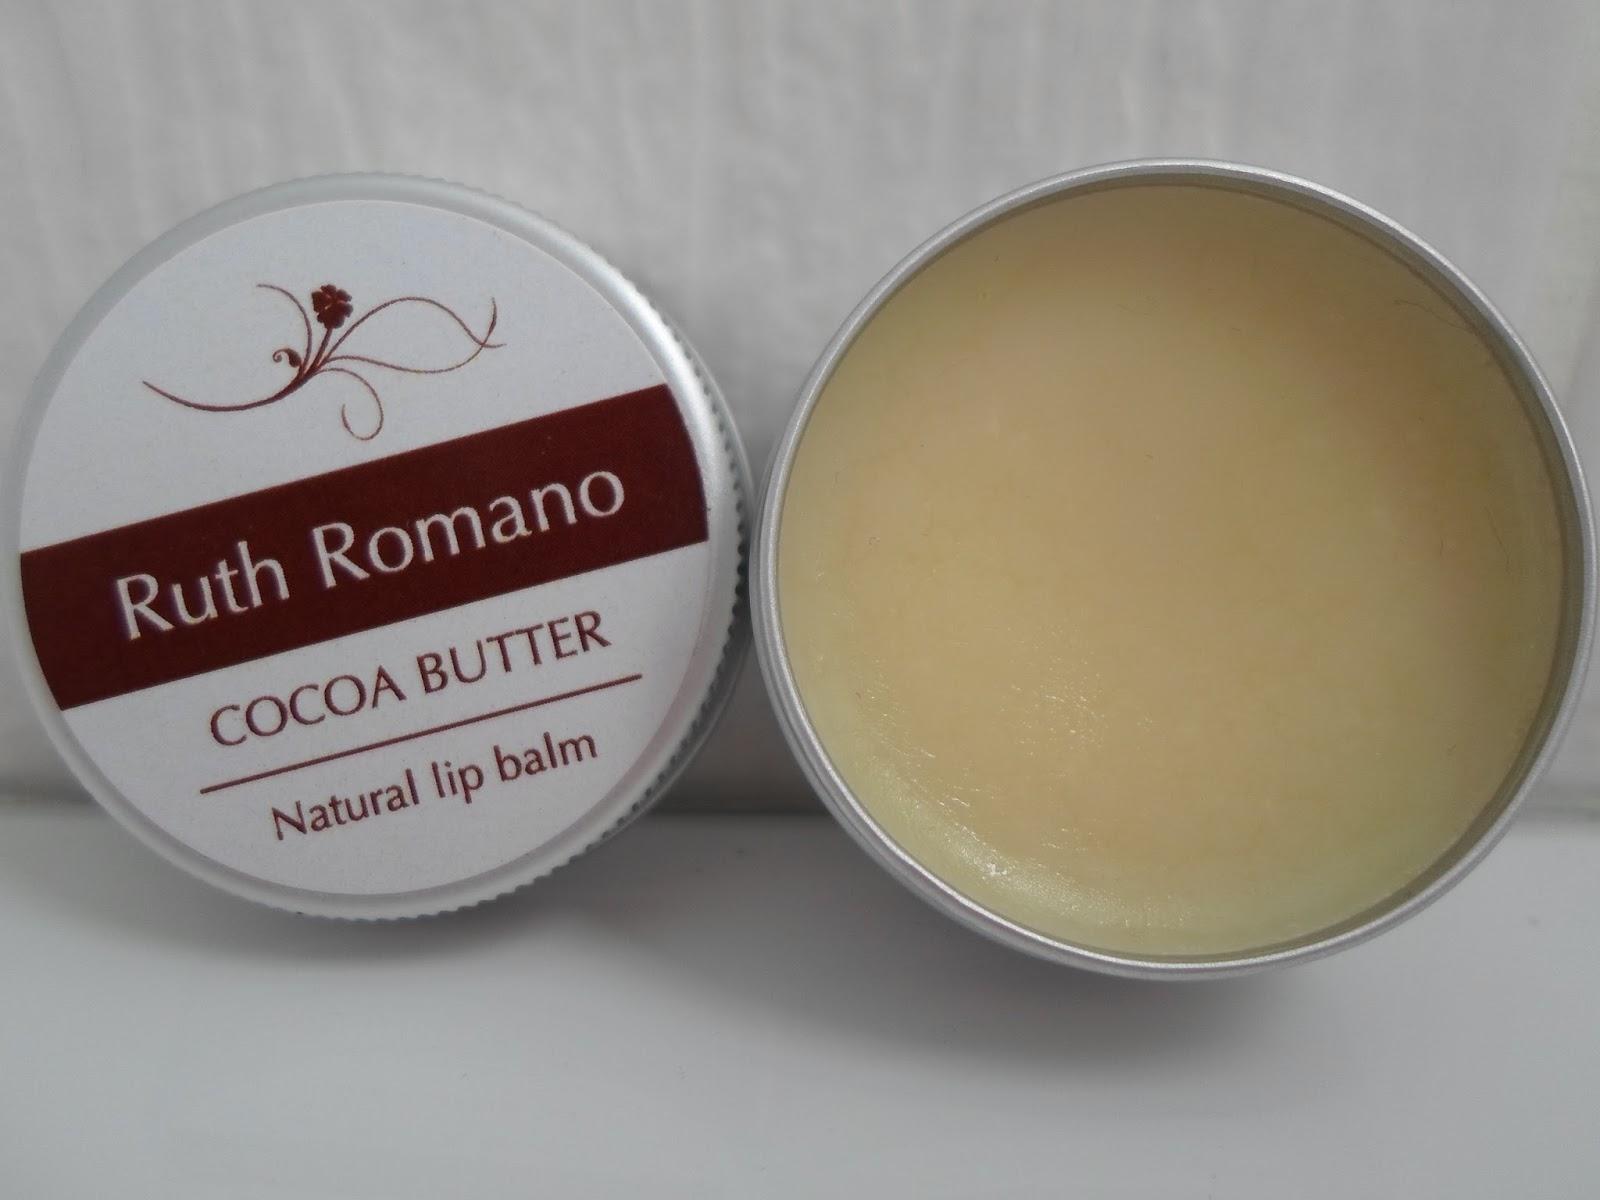 review Ruth Romano Cocoa Butter Lip Balm